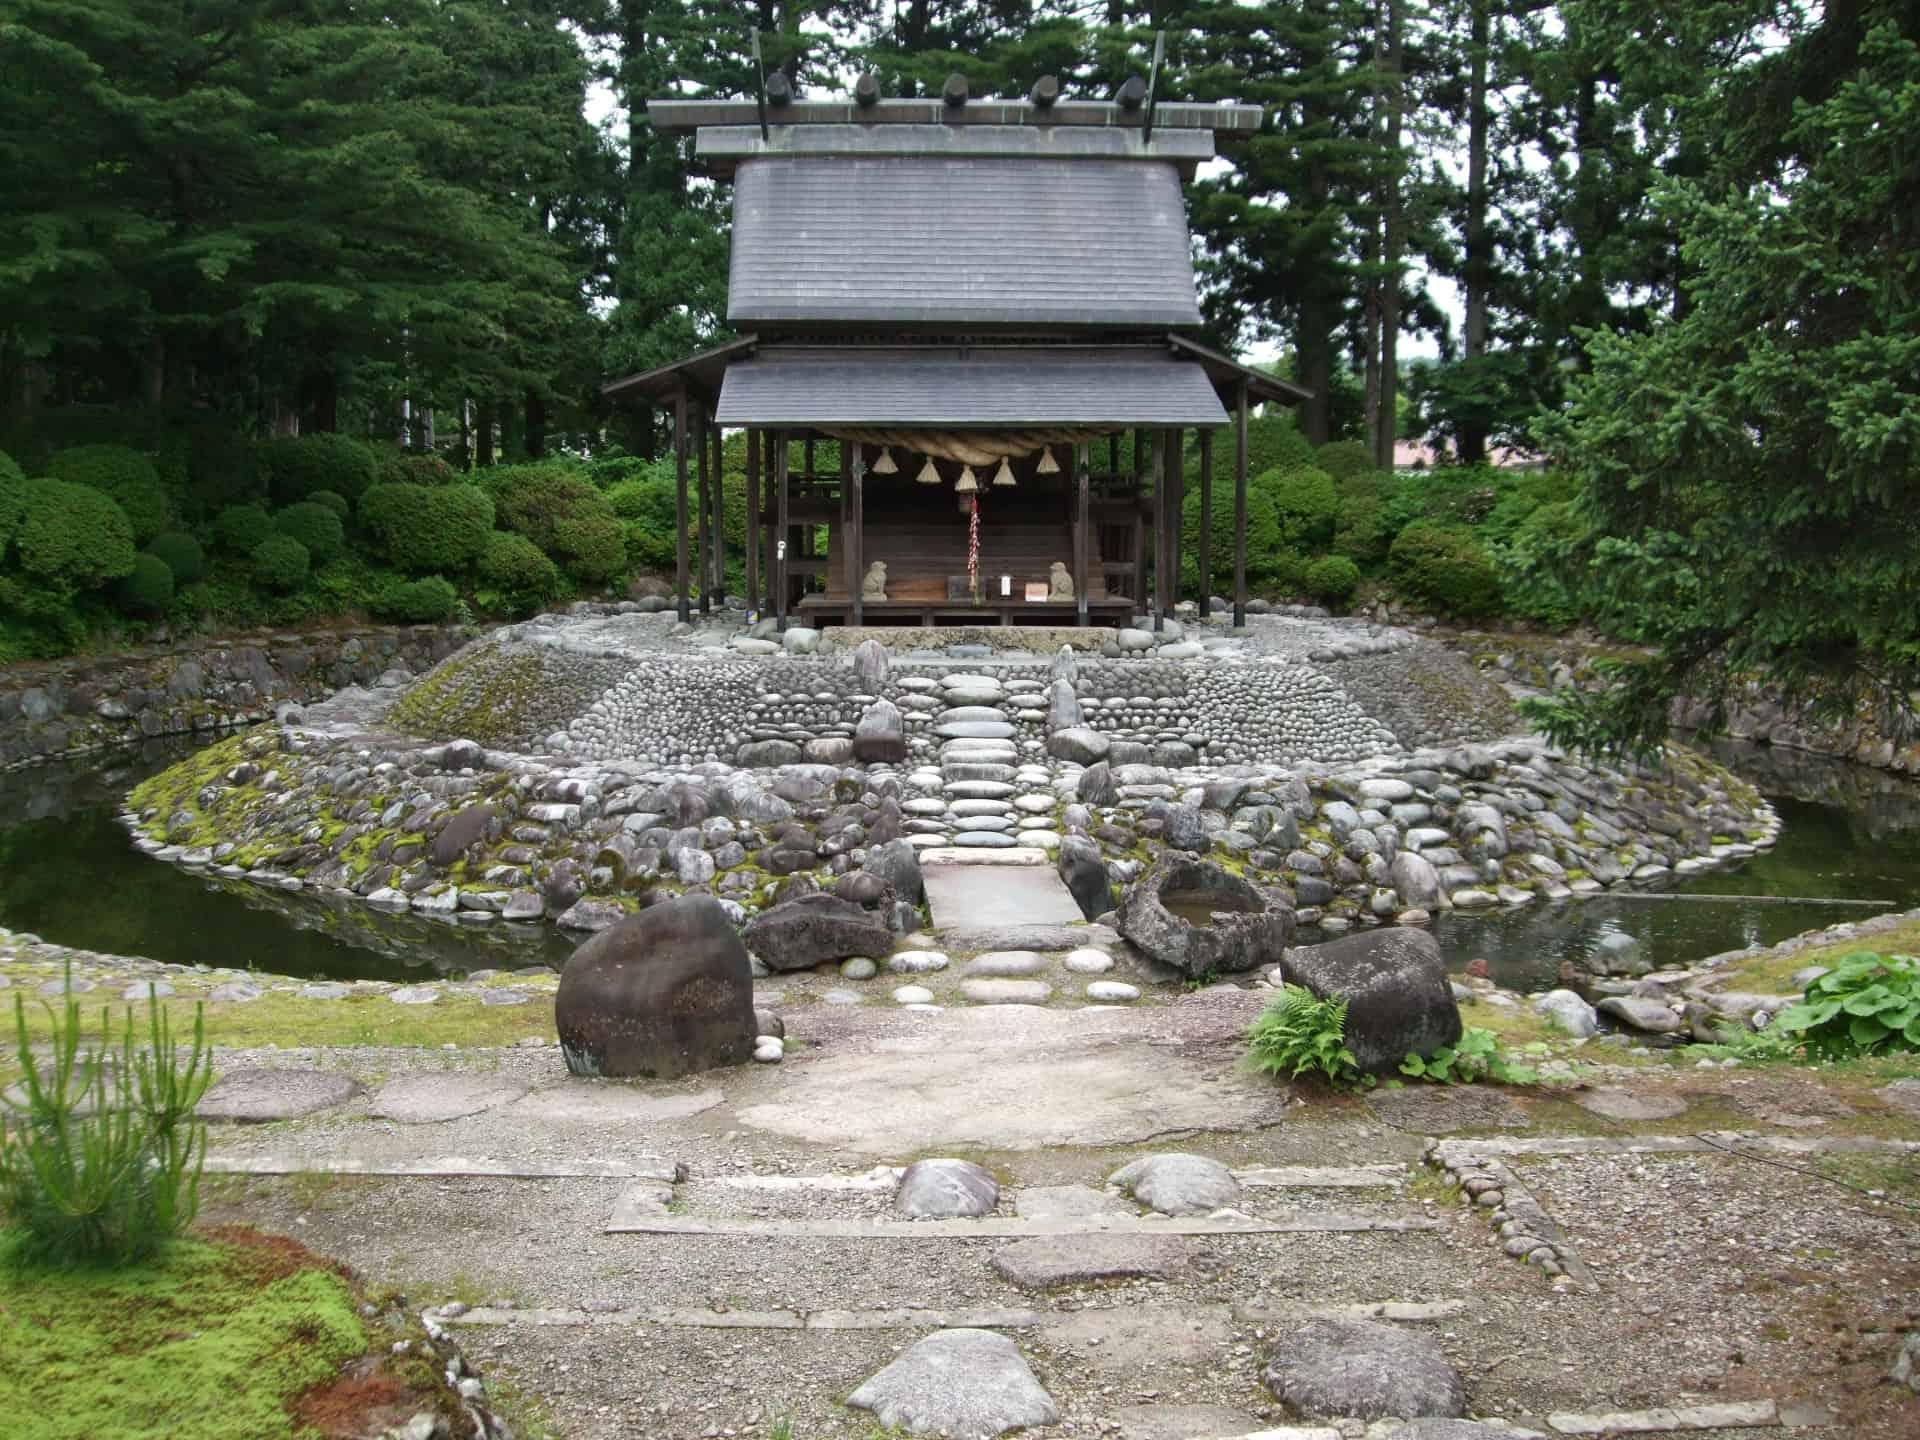 ศาลเจ้าคารามัตสึ (Karamatsu Shrine : 唐松神社)